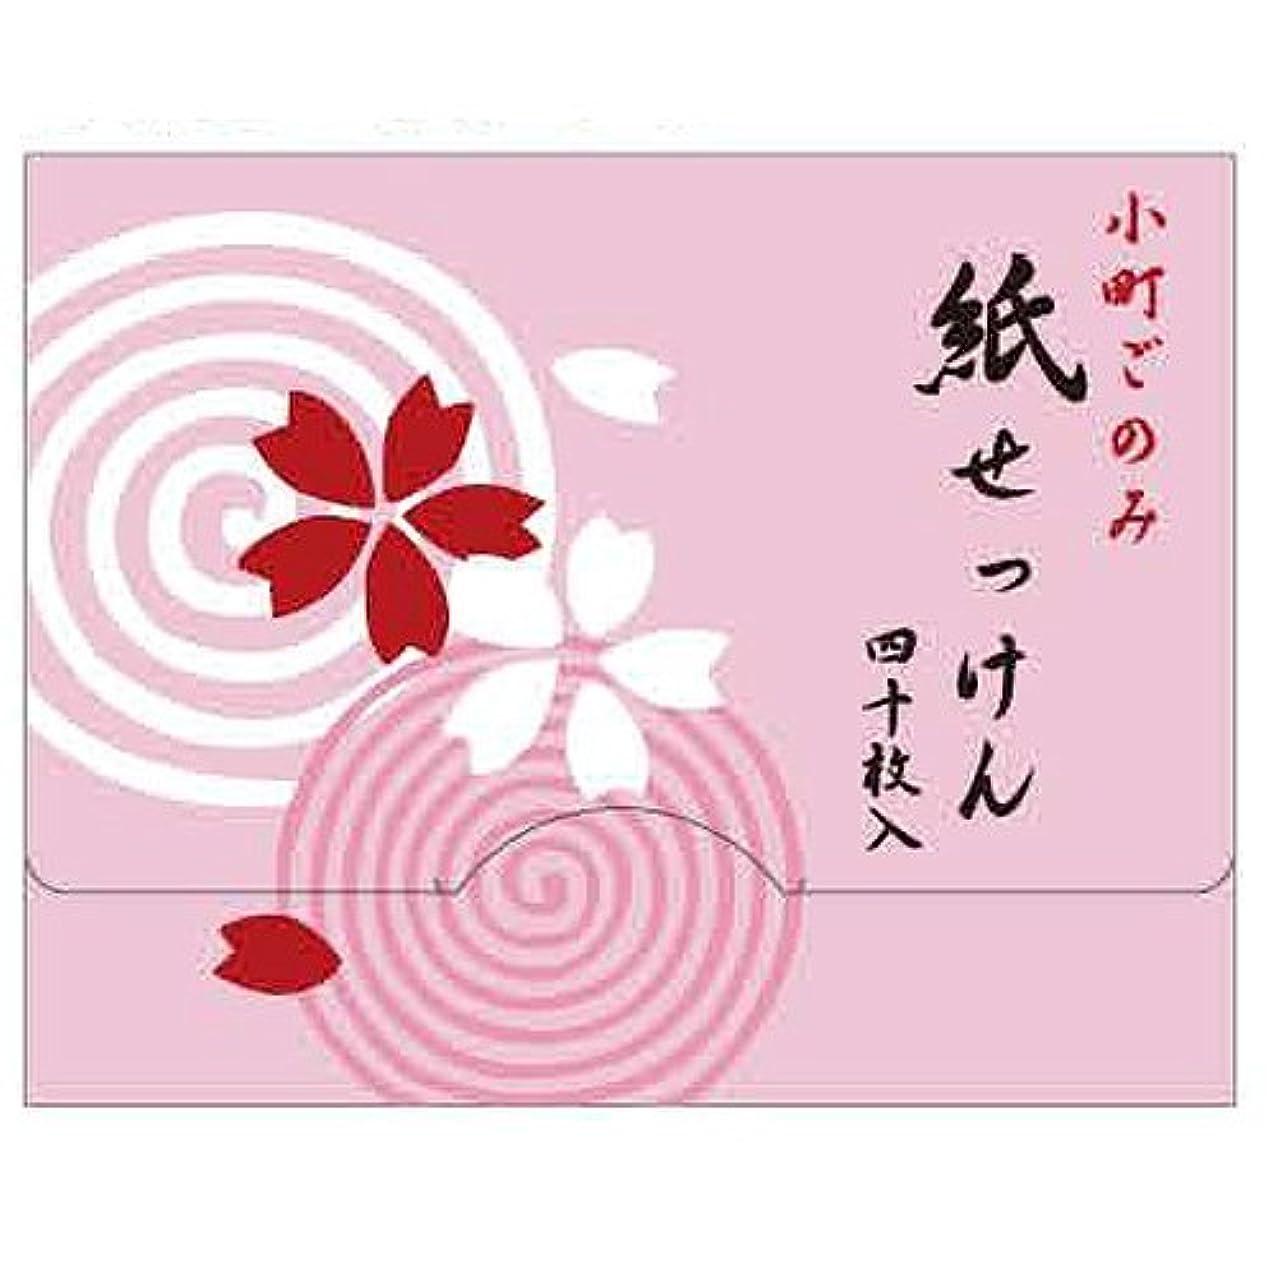 取るに足らない覆す人里離れた紙せっけん 昔懐かしいシャボンの香り 40枚入り 種類:桜 22-278